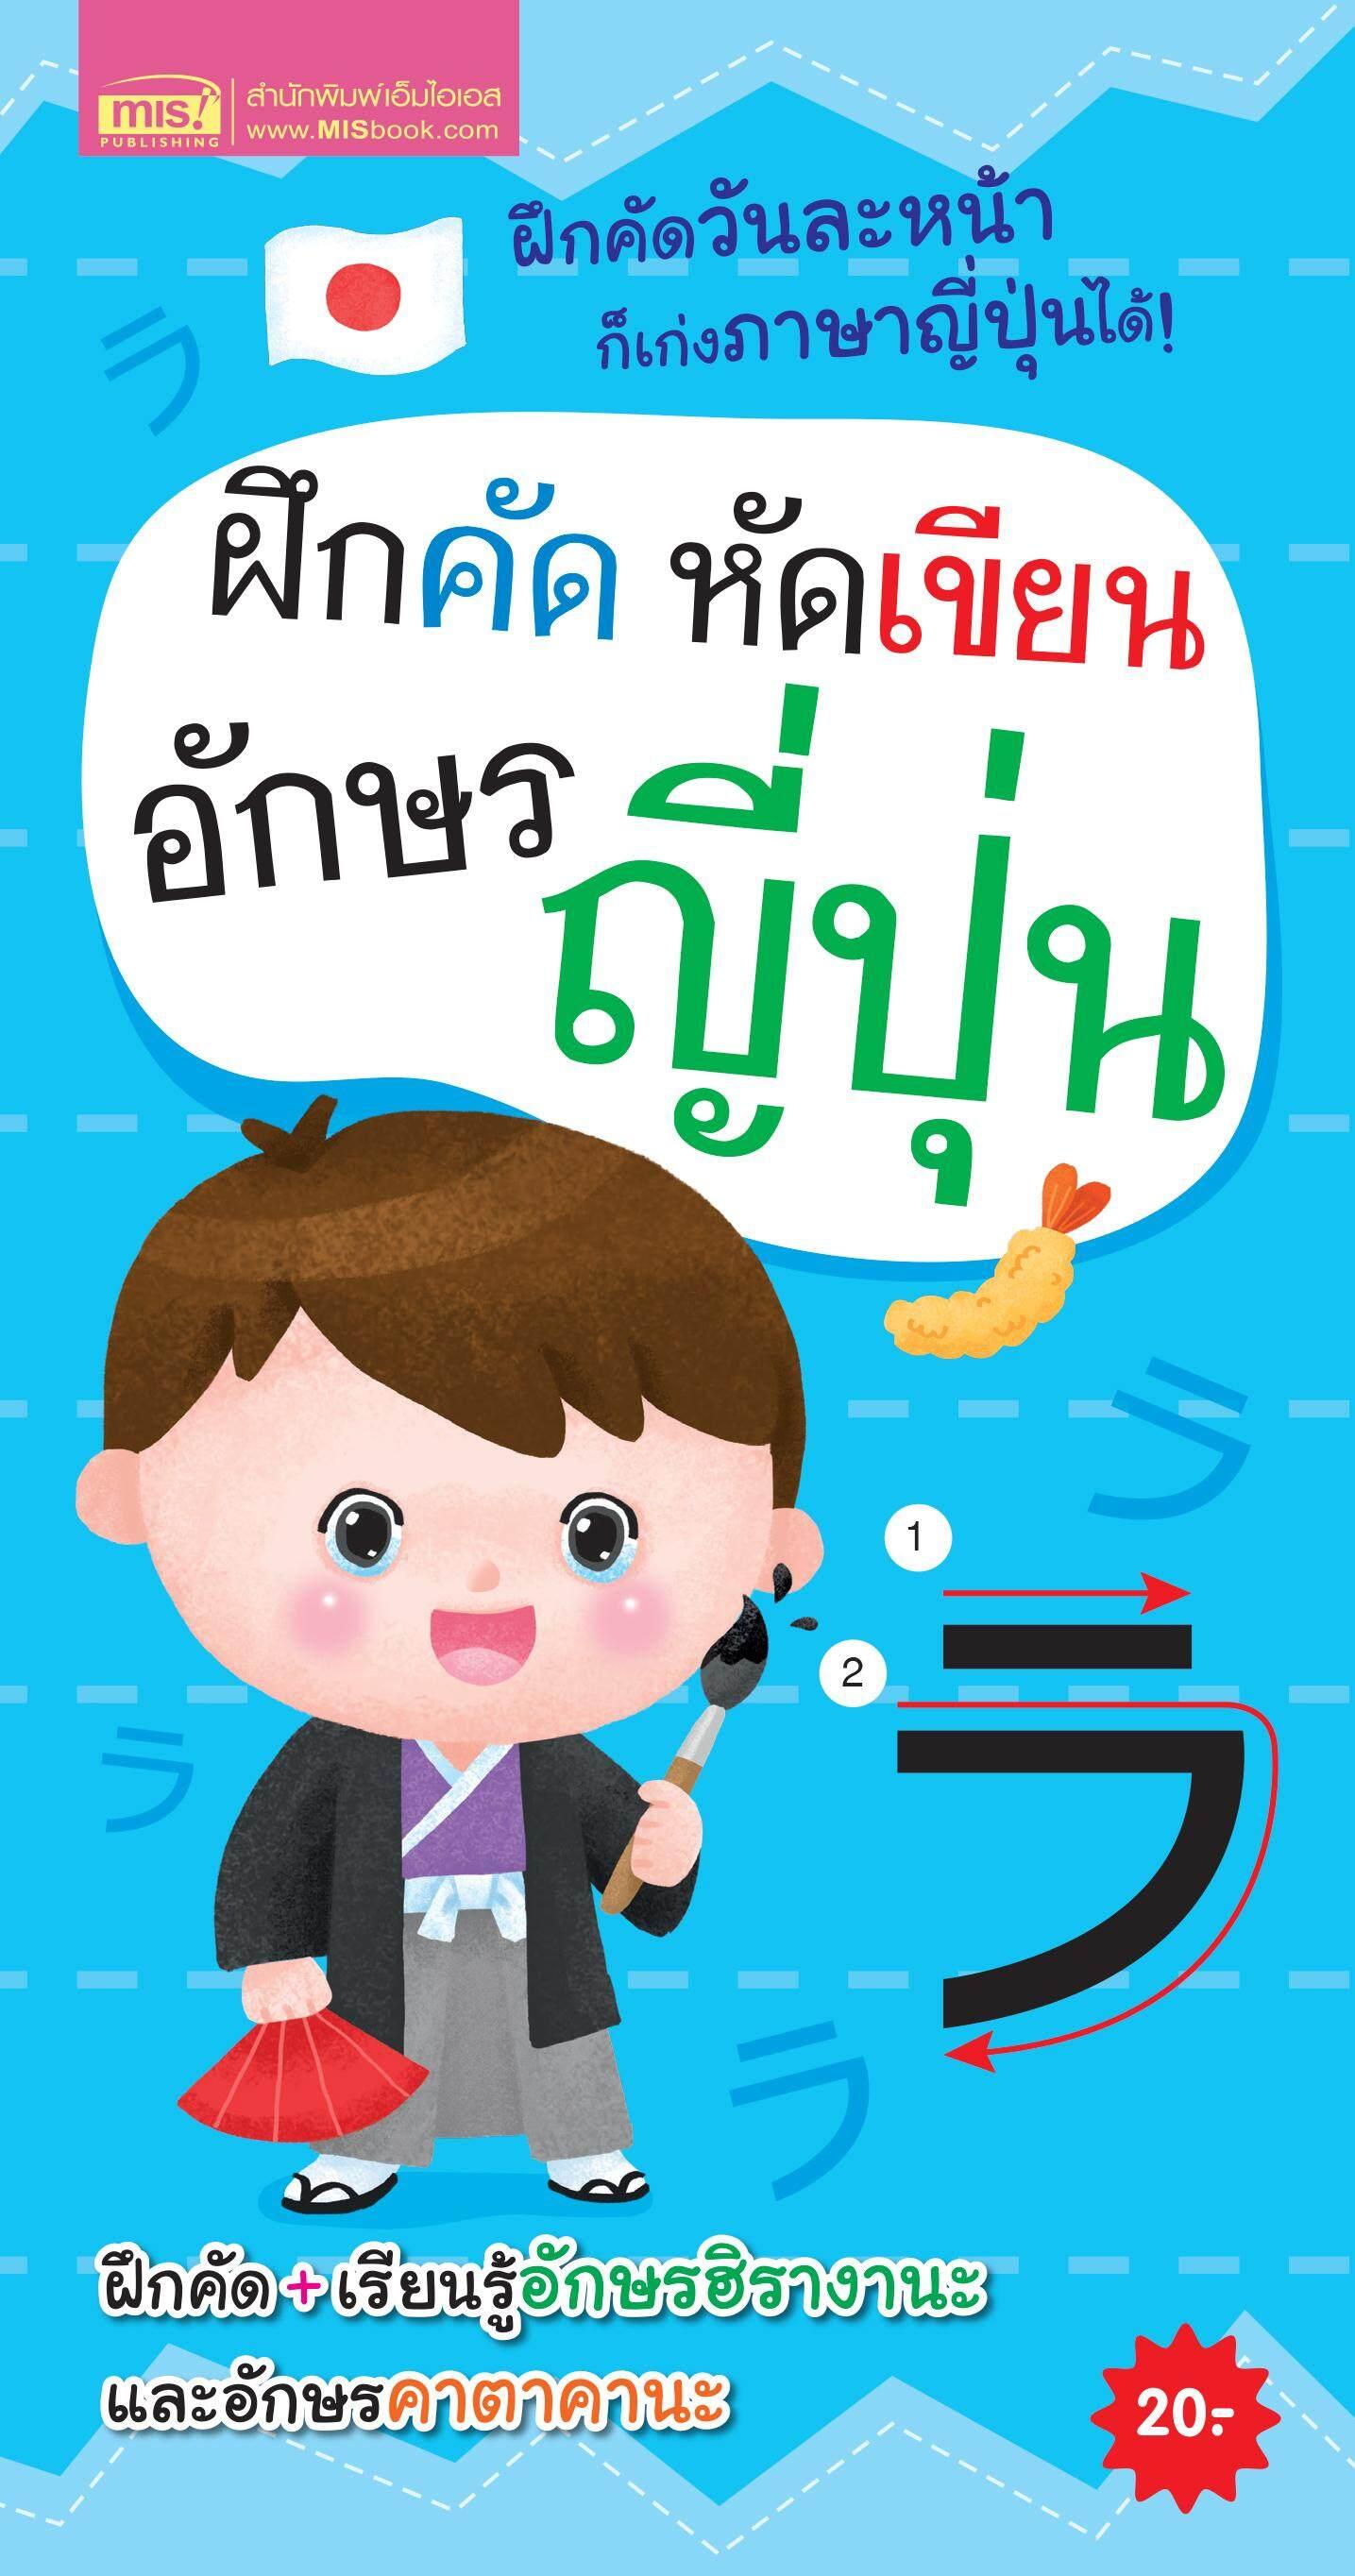 ฝึกคัด หัดเขียน อักษรญี่ปุ่น By Mis Publishing Co., Ltd..